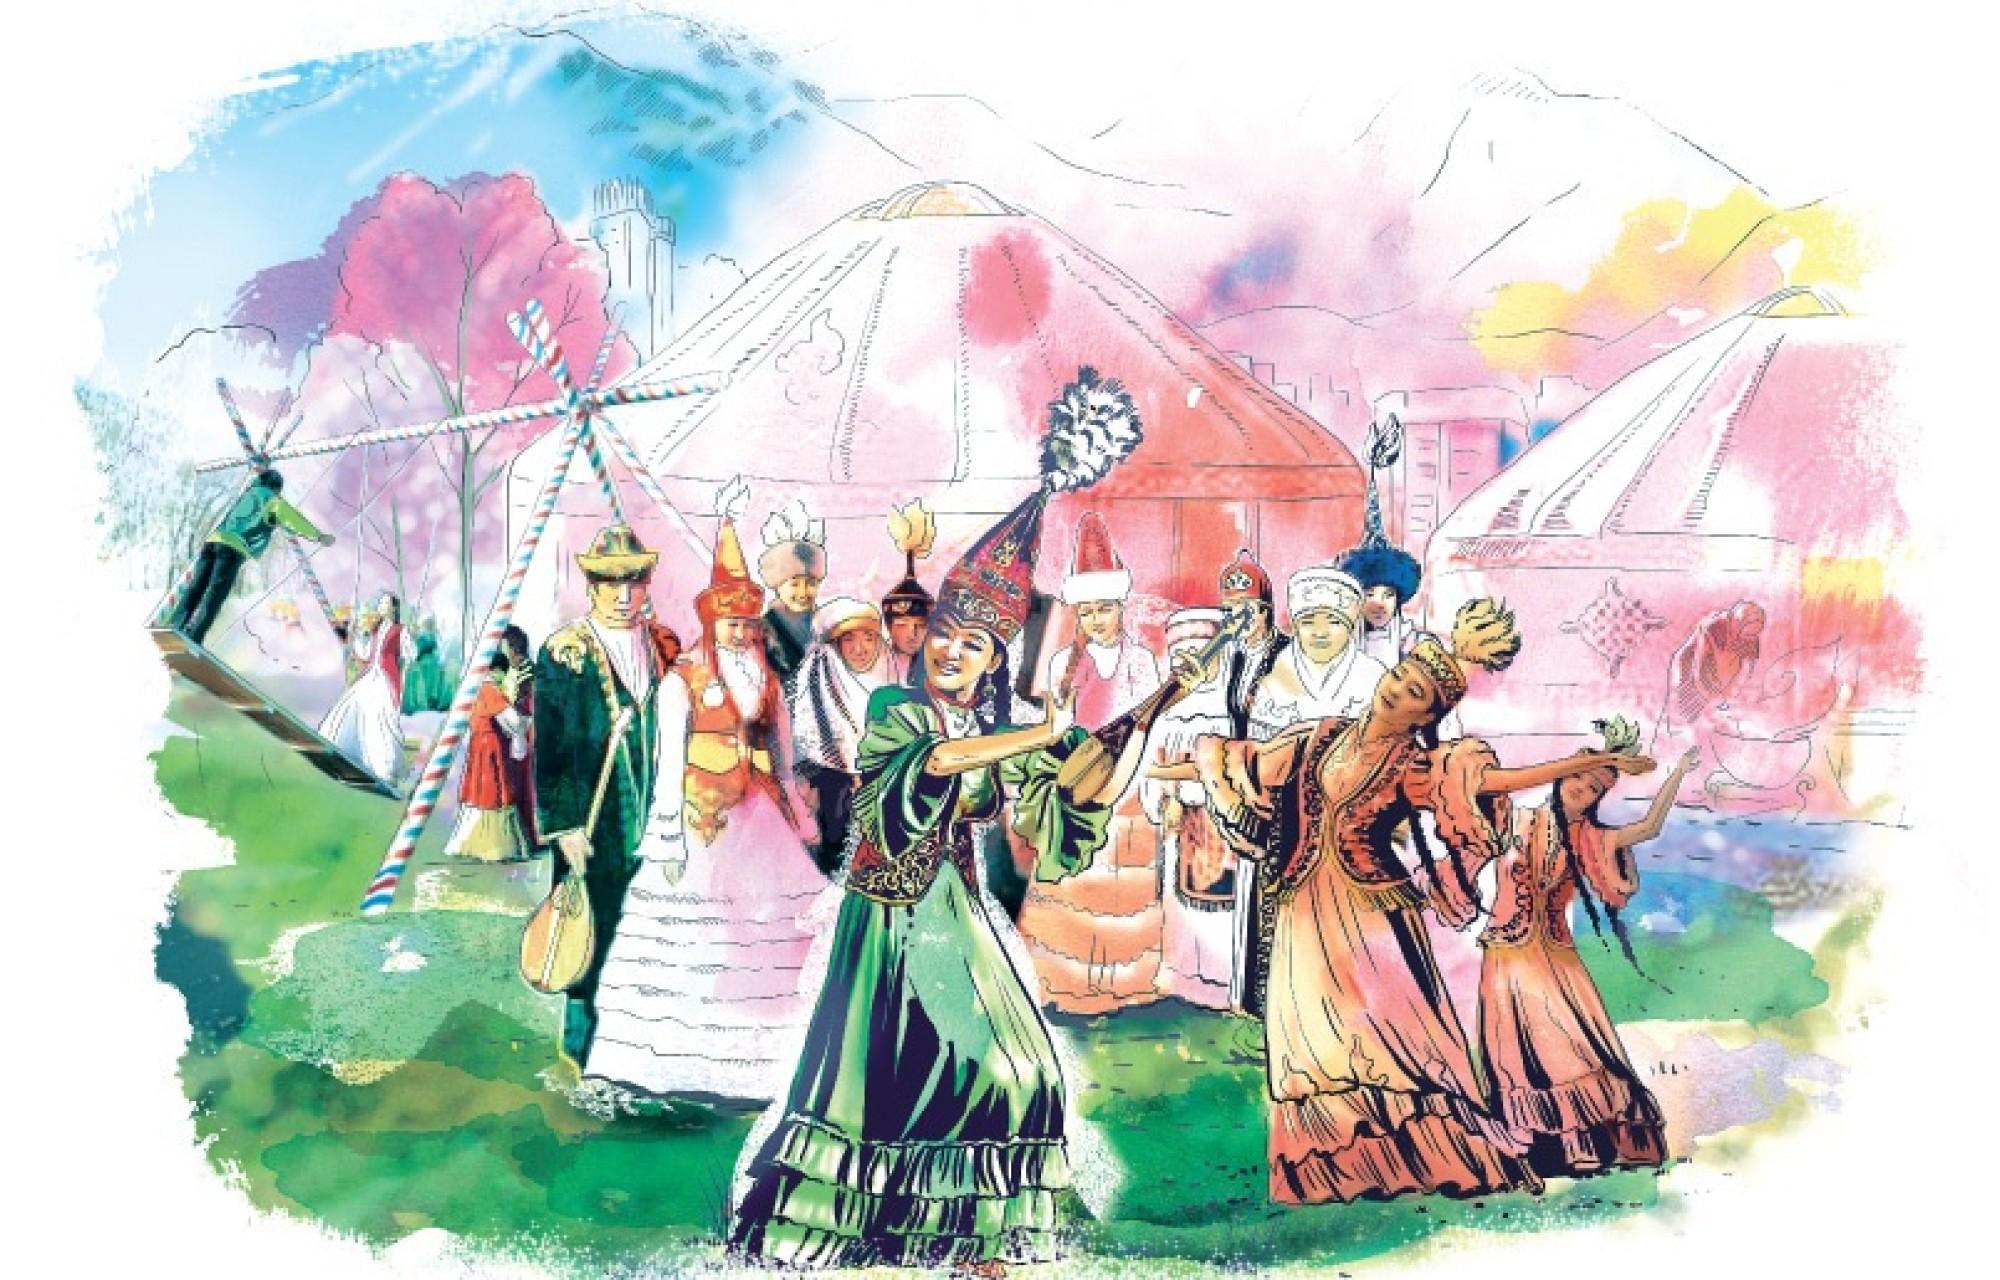 22 марта праздник наурыз день весеннего  равноденствия праздник весны юрты 22 марта праздник наурыз день весеннего равноденствия восточный новый год природа вежий воздух весна солнце трава мечают праздник поле сопки горы яркие цвета азия